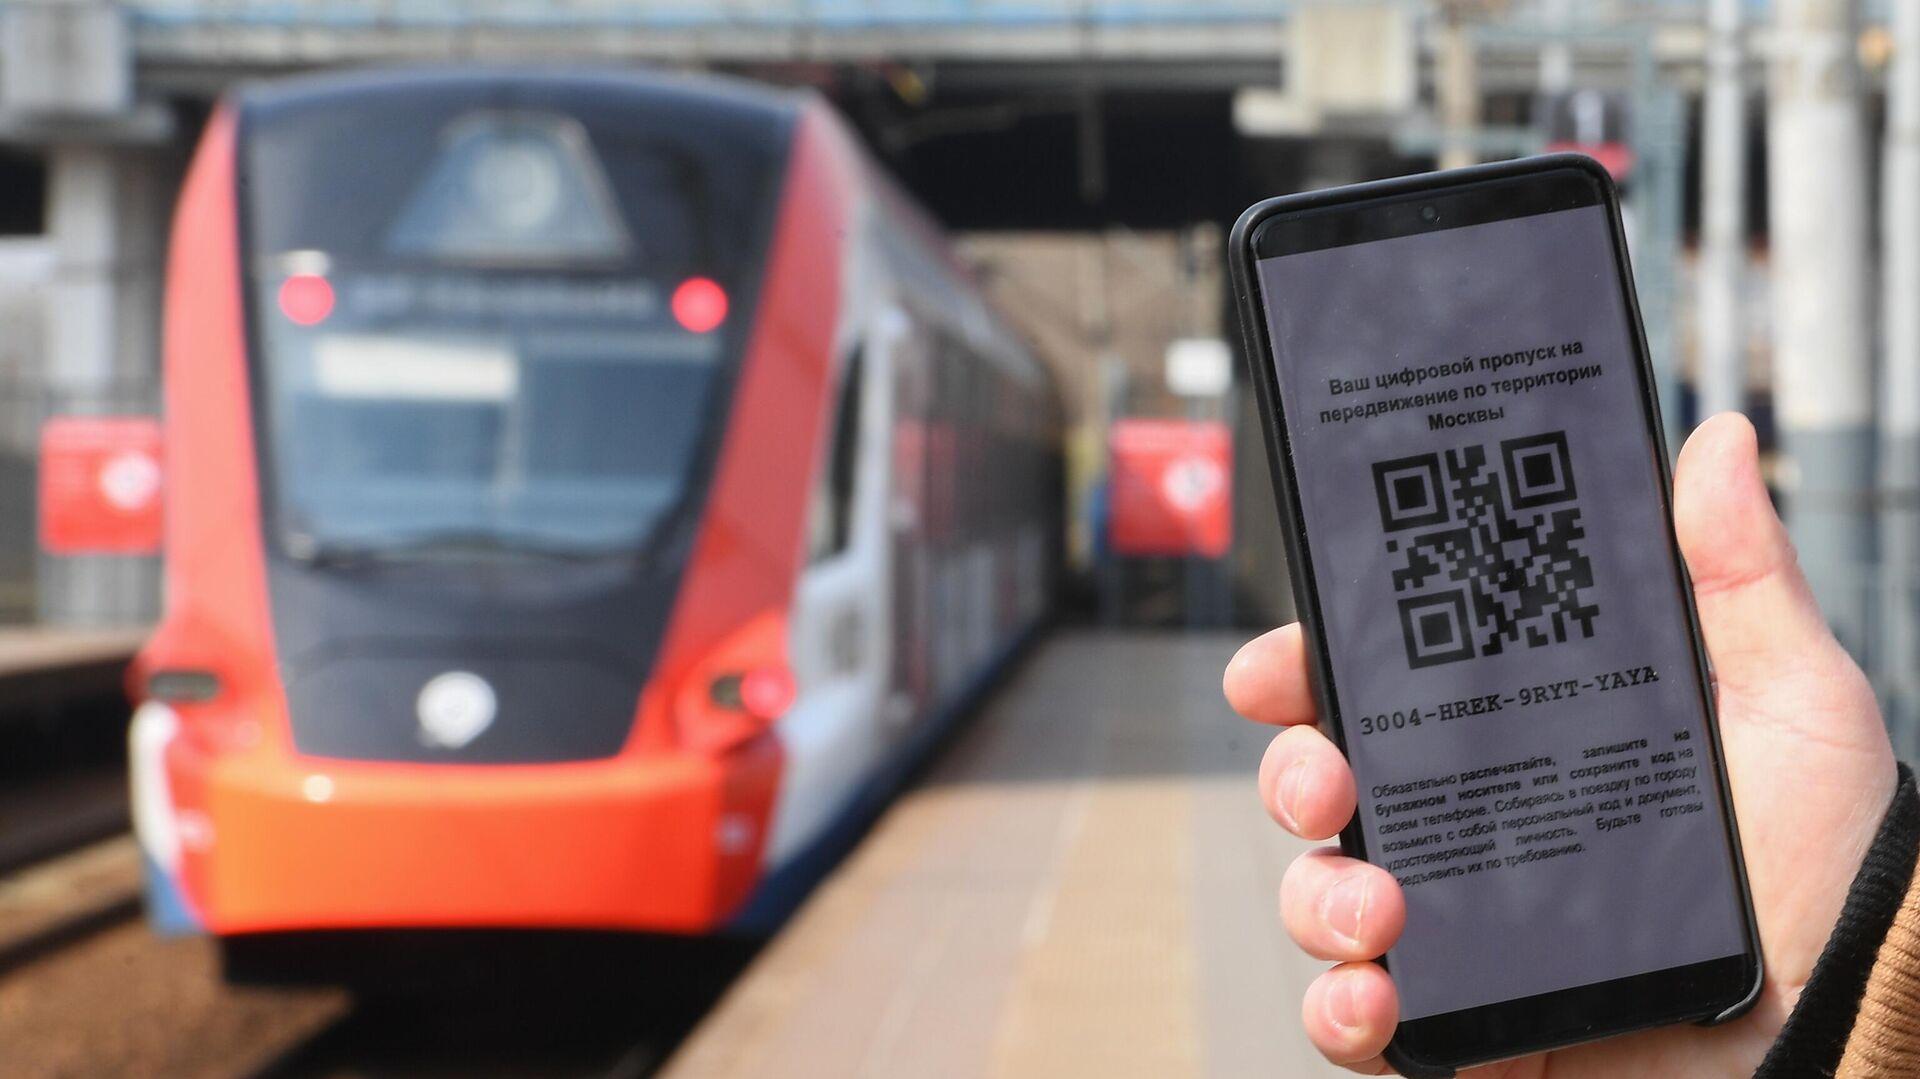 Житель Москвы демонстрирует цифровой пропуск для передвижения по городу - РИА Новости, 1920, 12.06.2021